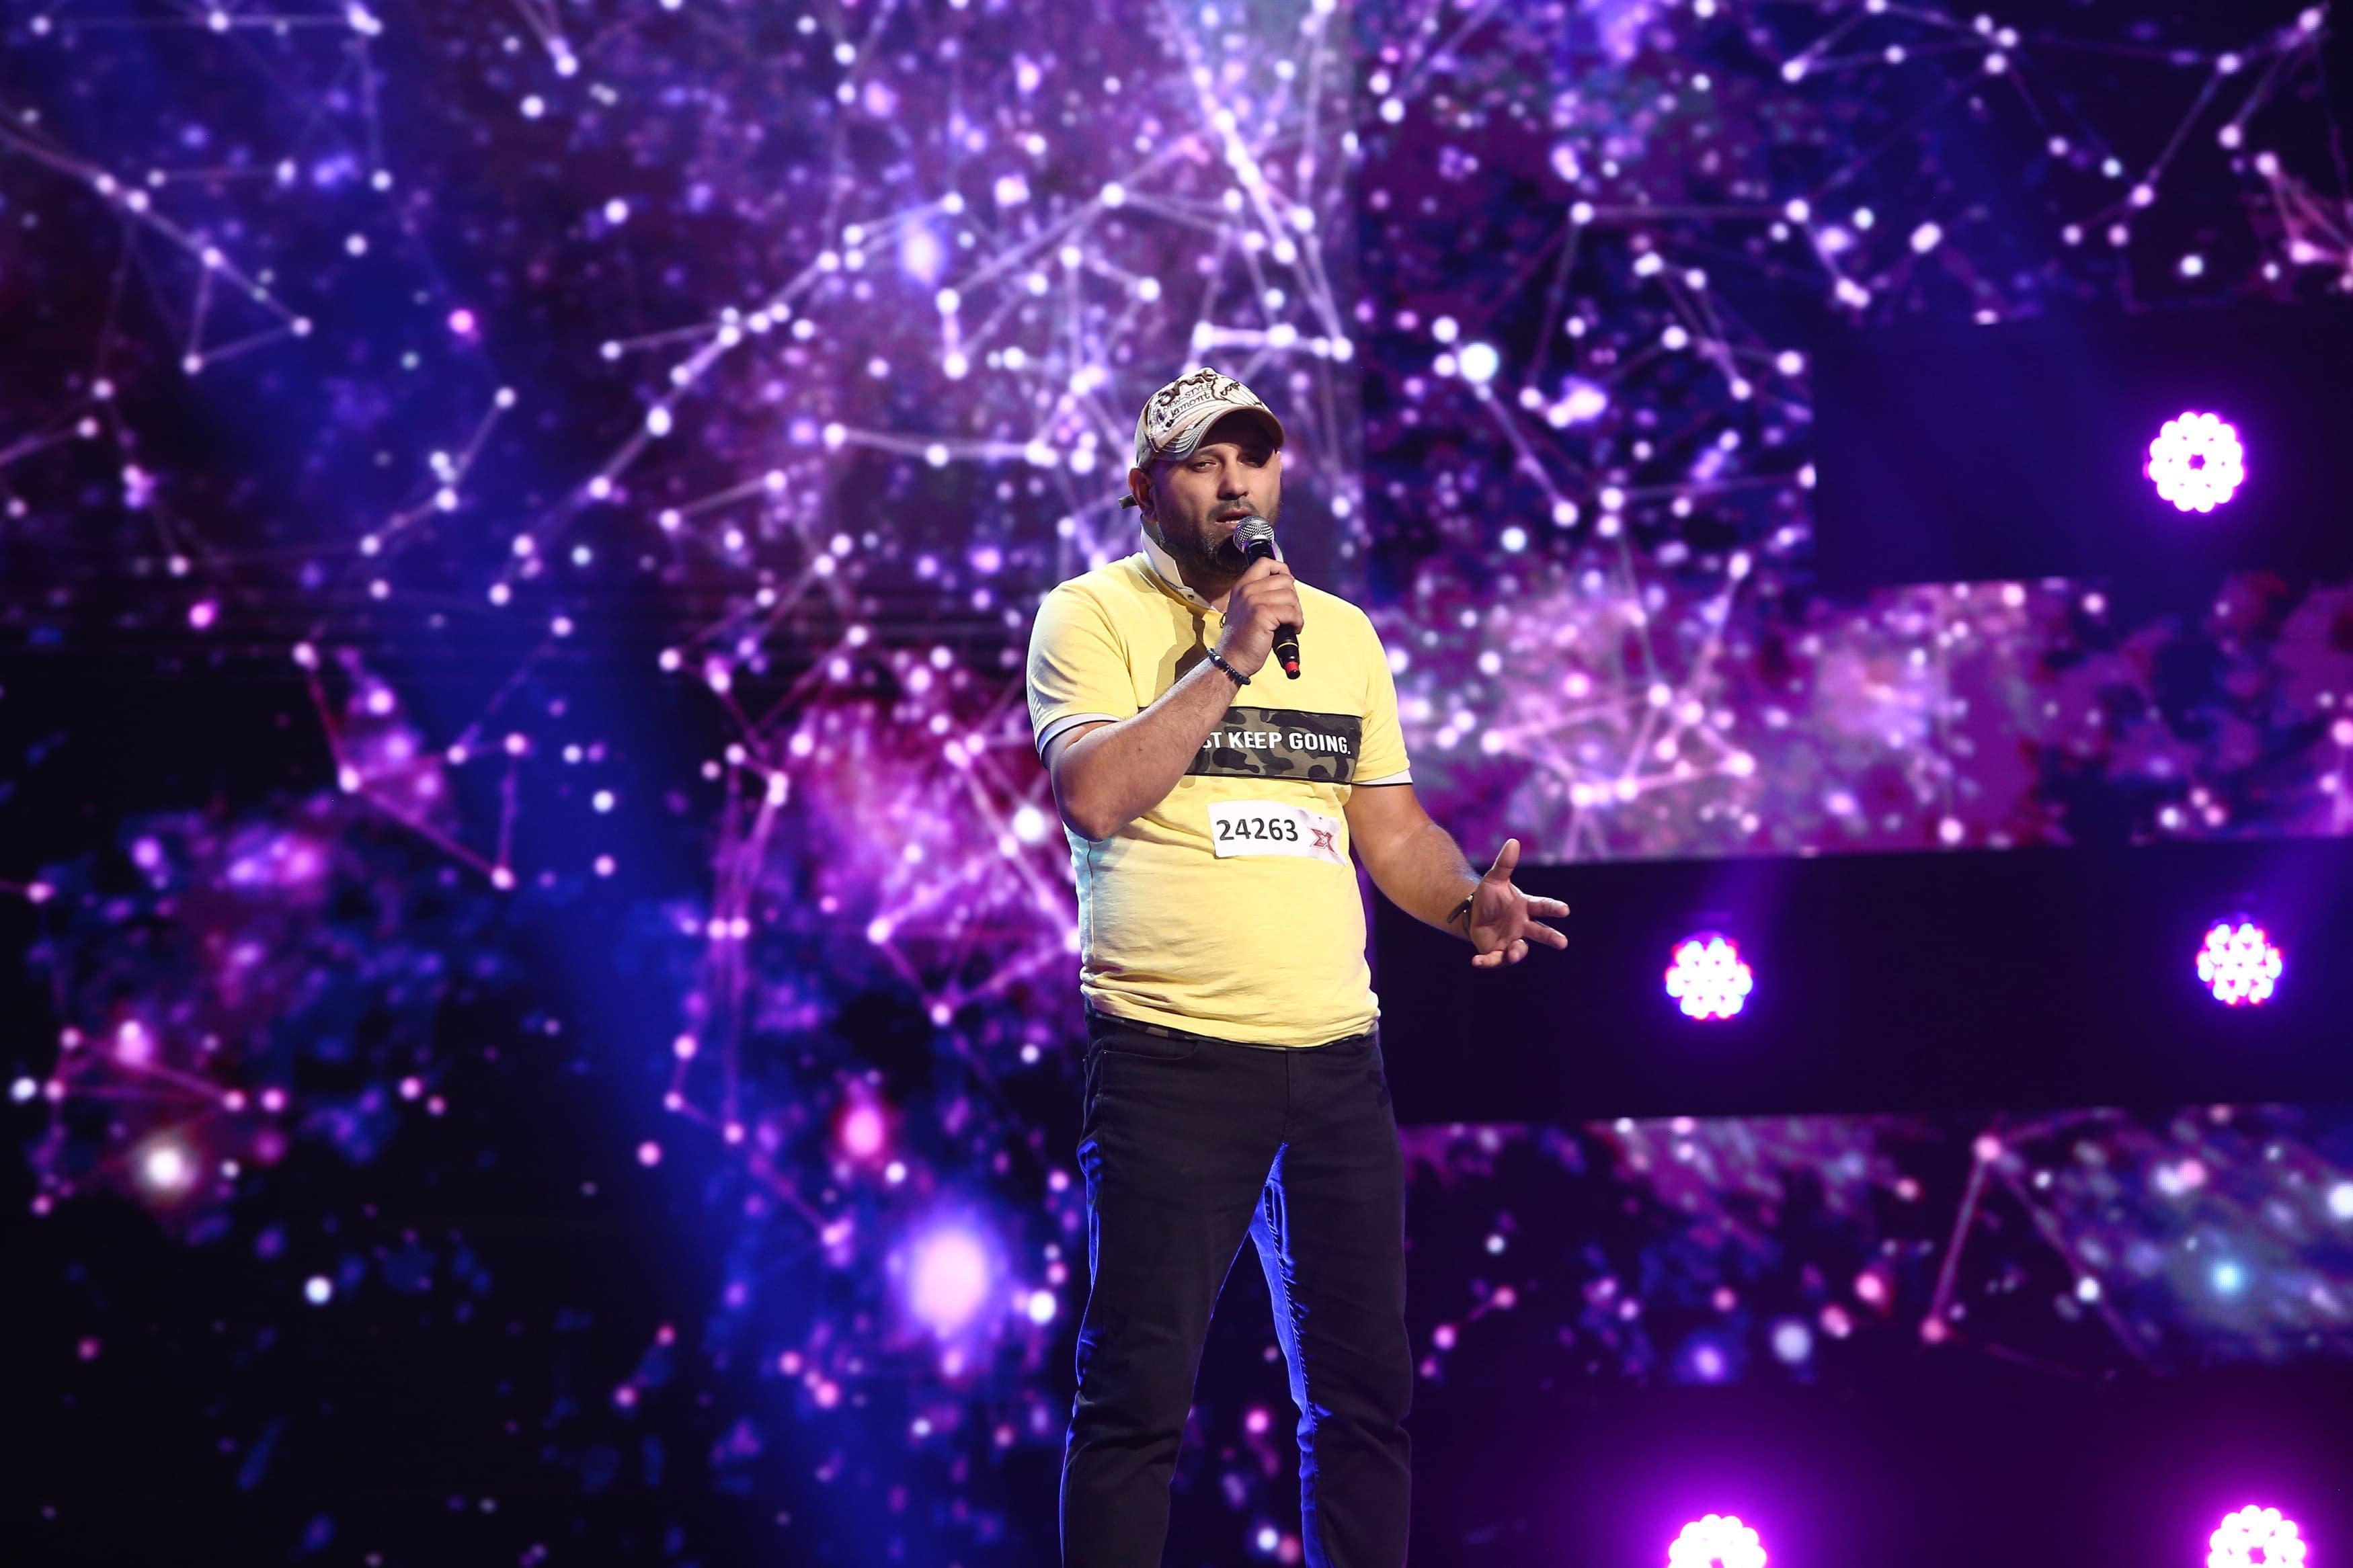 """X Factor 2021, 13 septembrie. Giani Baidoc a venit din """"taxiul discotecă"""" și a cântat Dan Spătaru - """"Să cântăm chitara mea"""""""